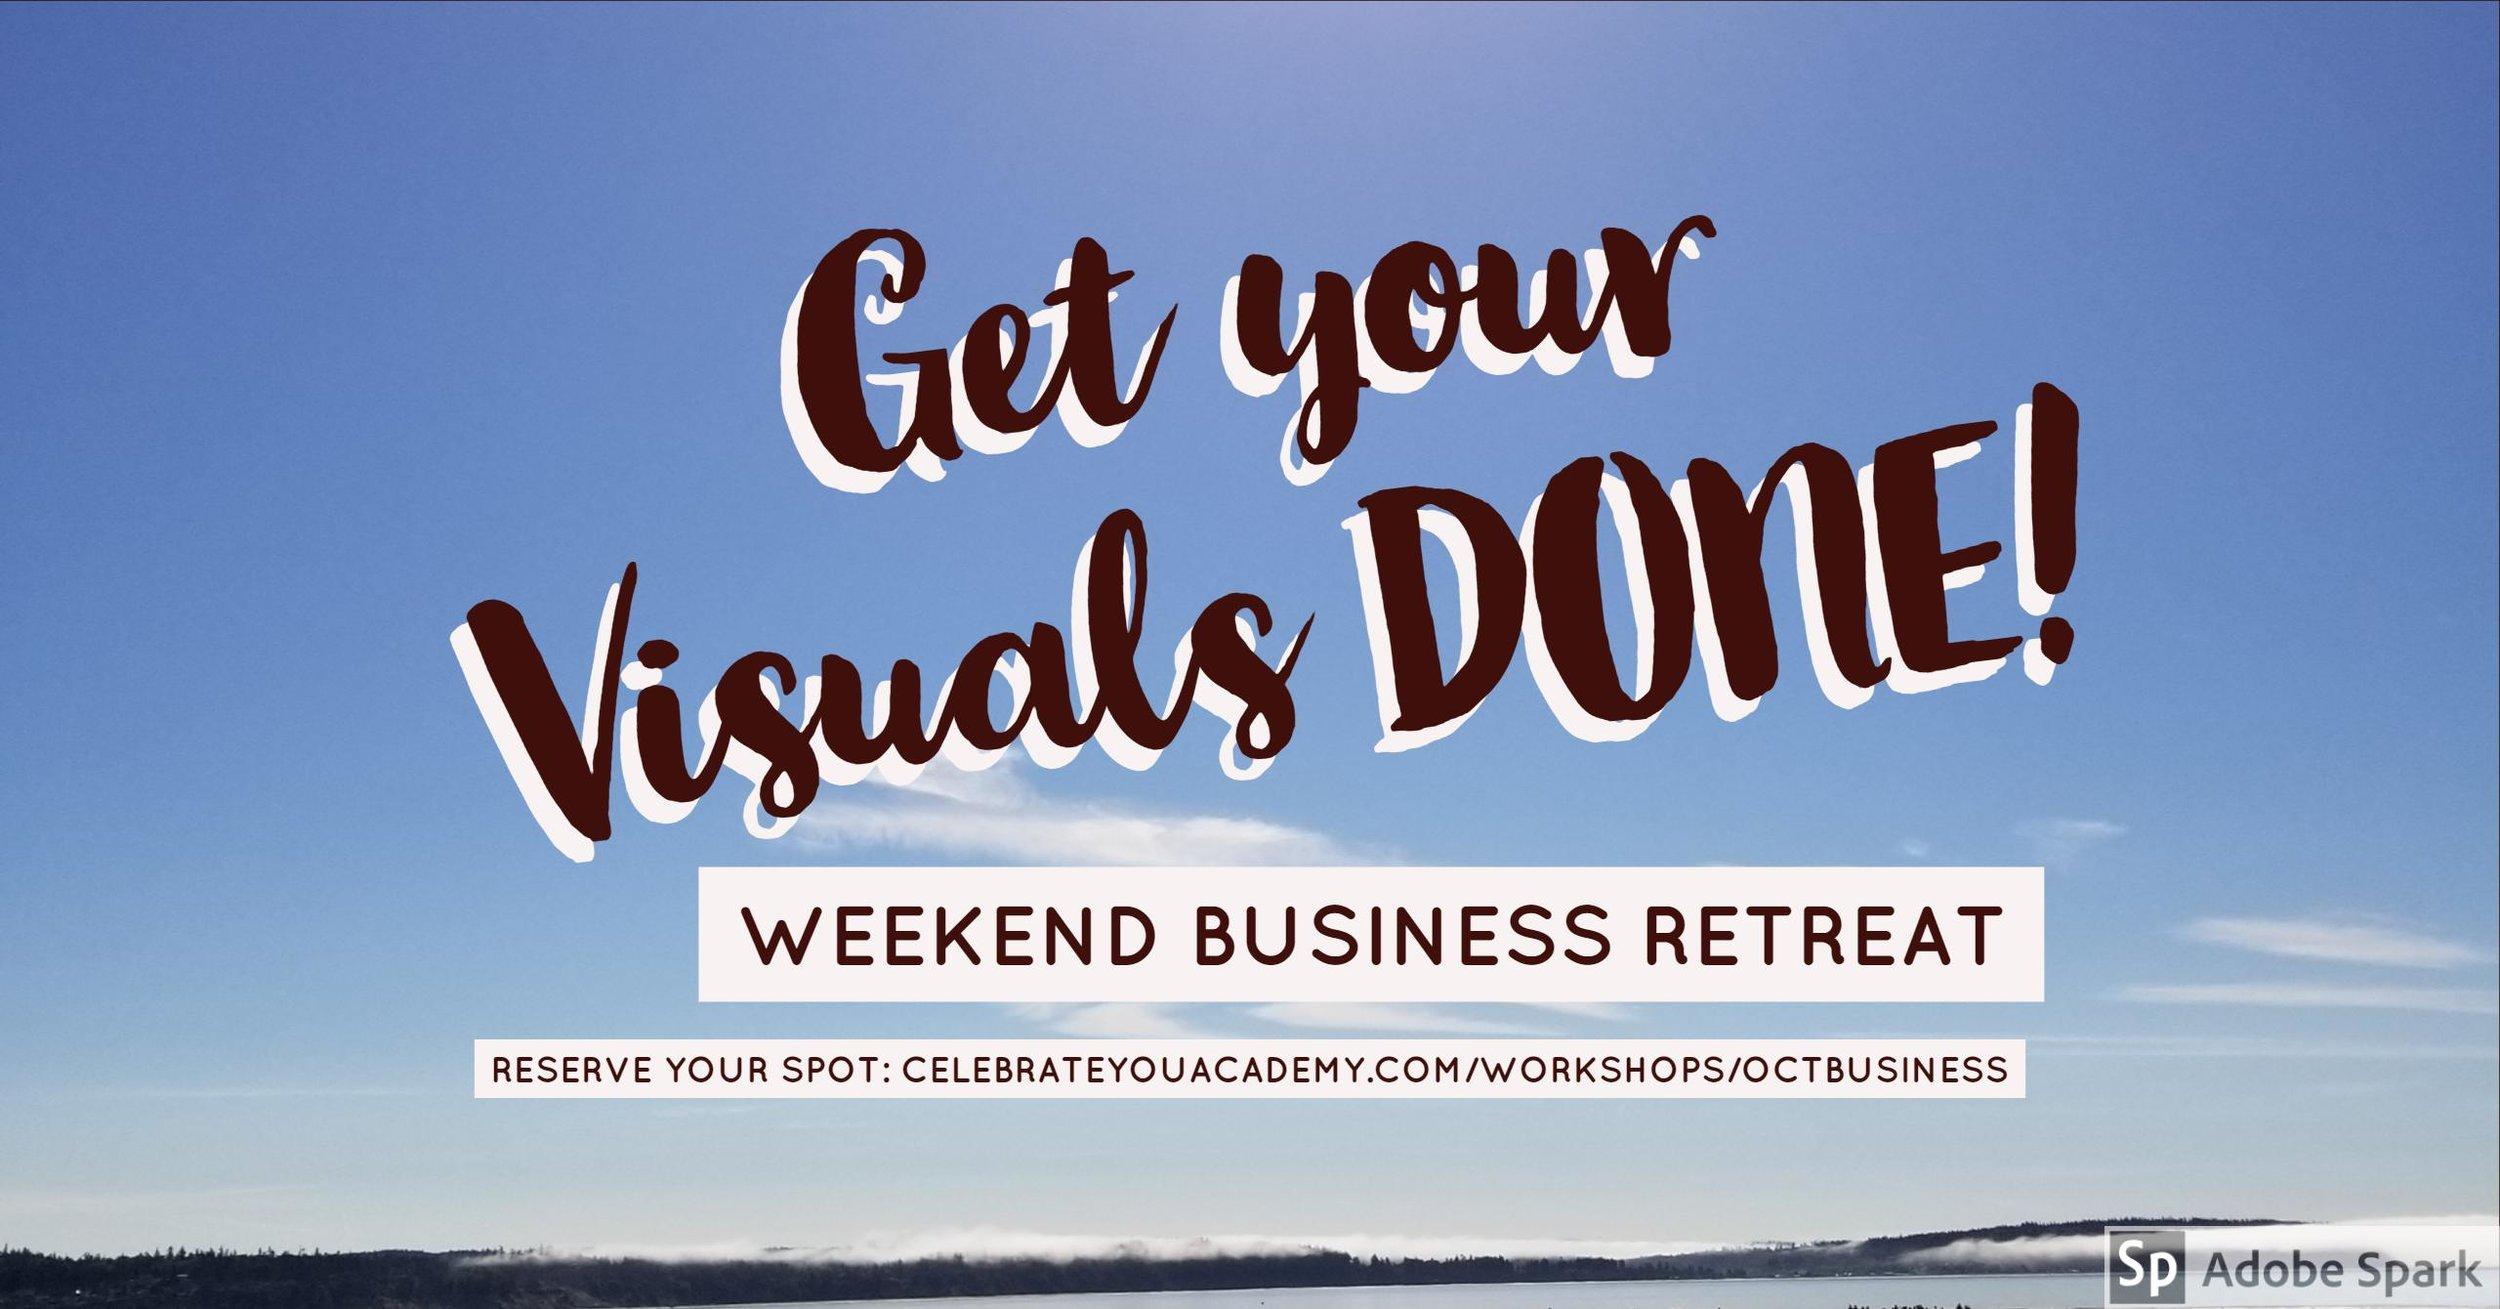 Oct business retreat.jpg